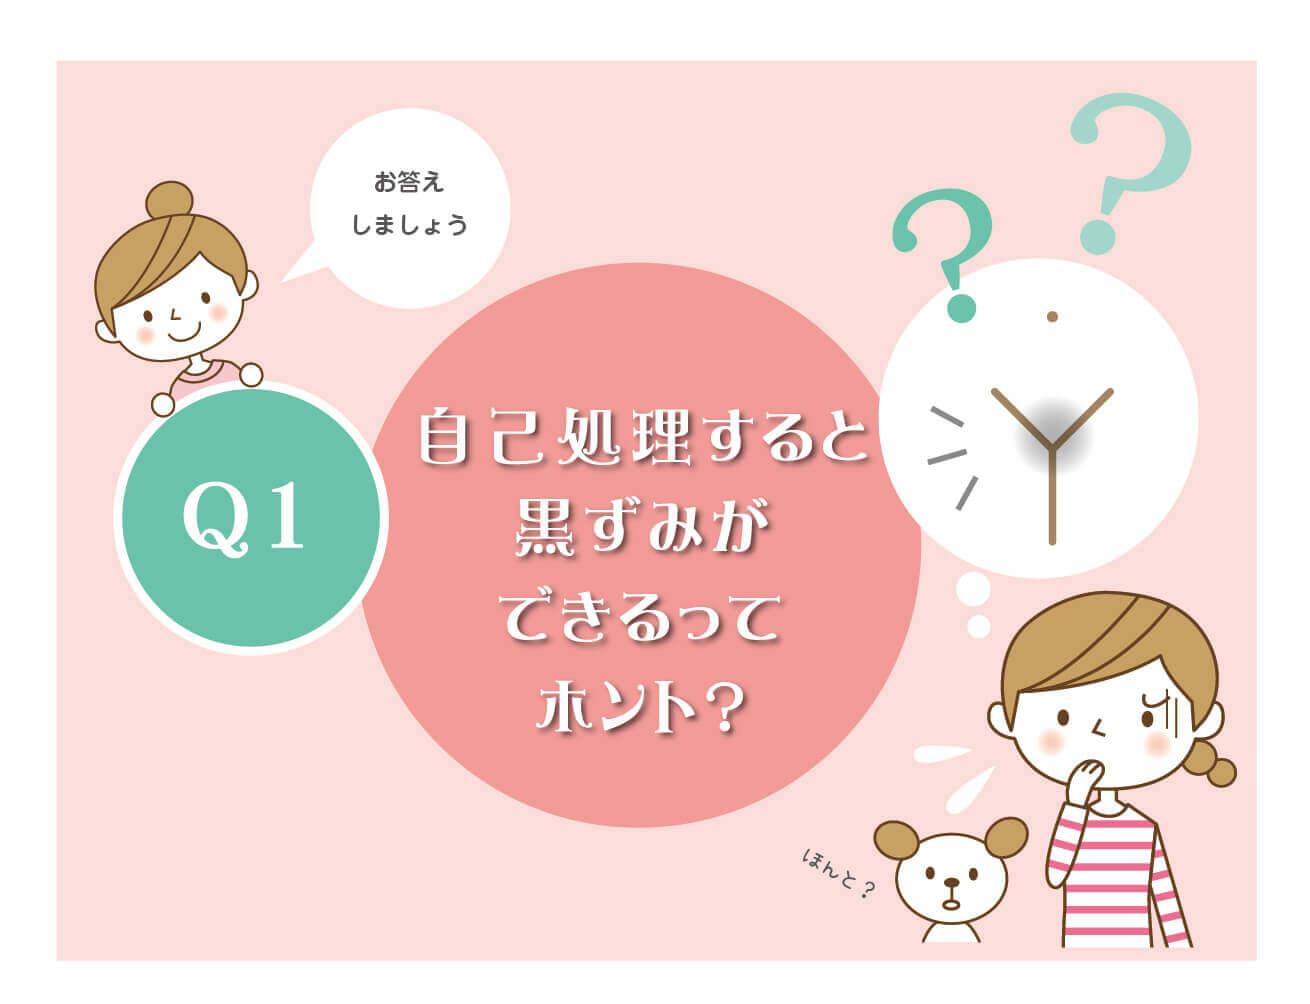 Q1:自己処理すると黒ずみができるって本当?